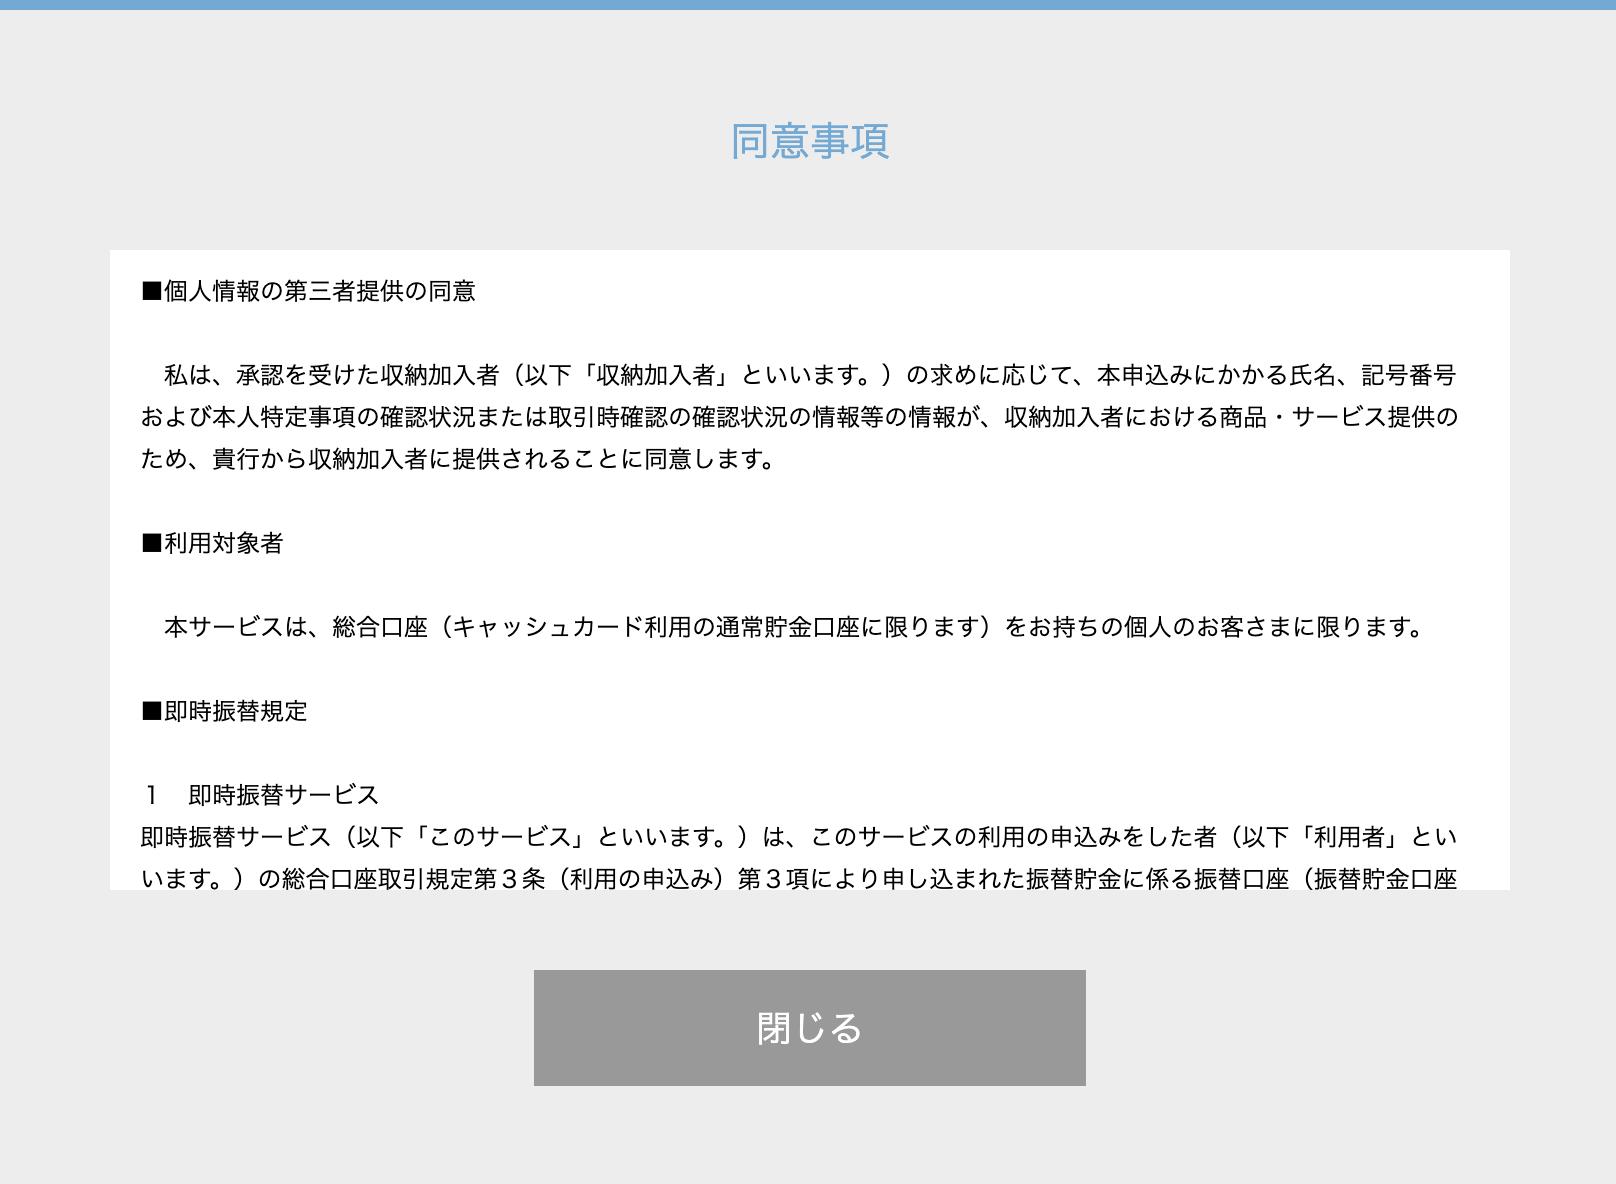 PayPal ゆうちょ銀行 同意事項のチェック